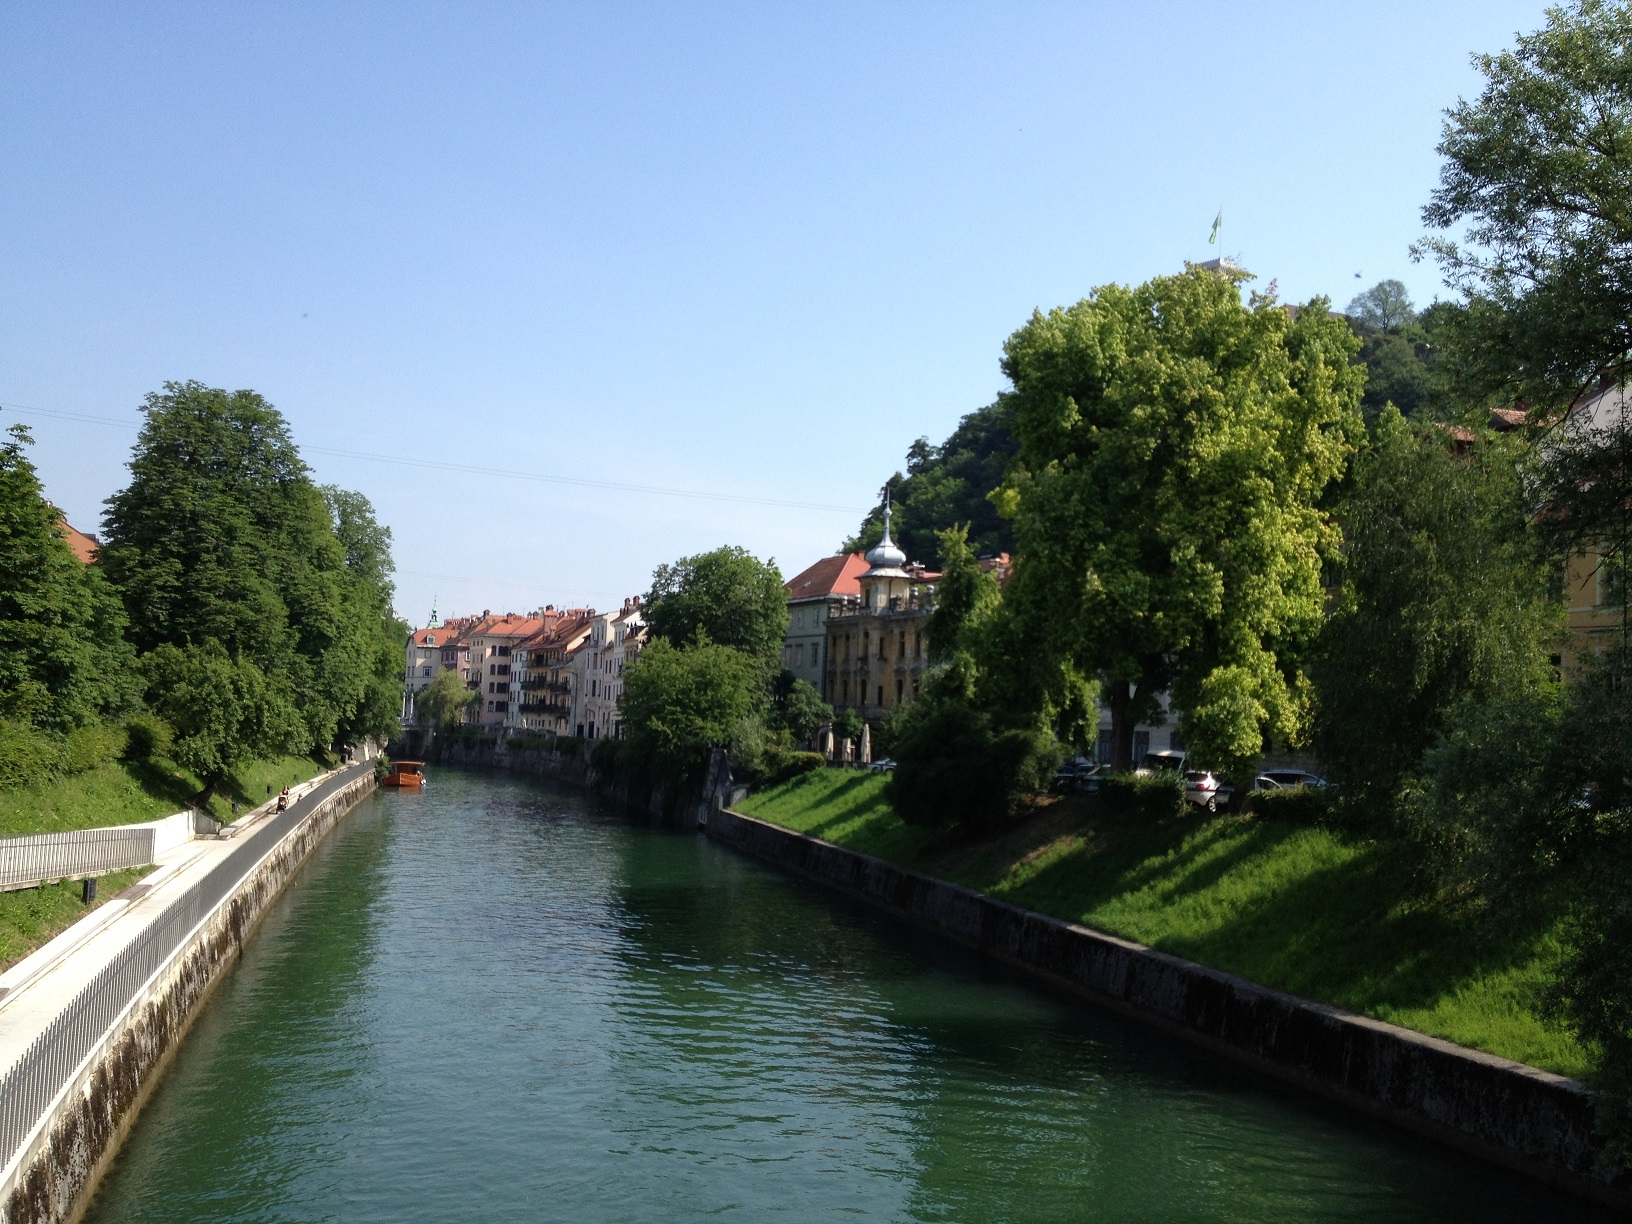 bord riviere ljubljana